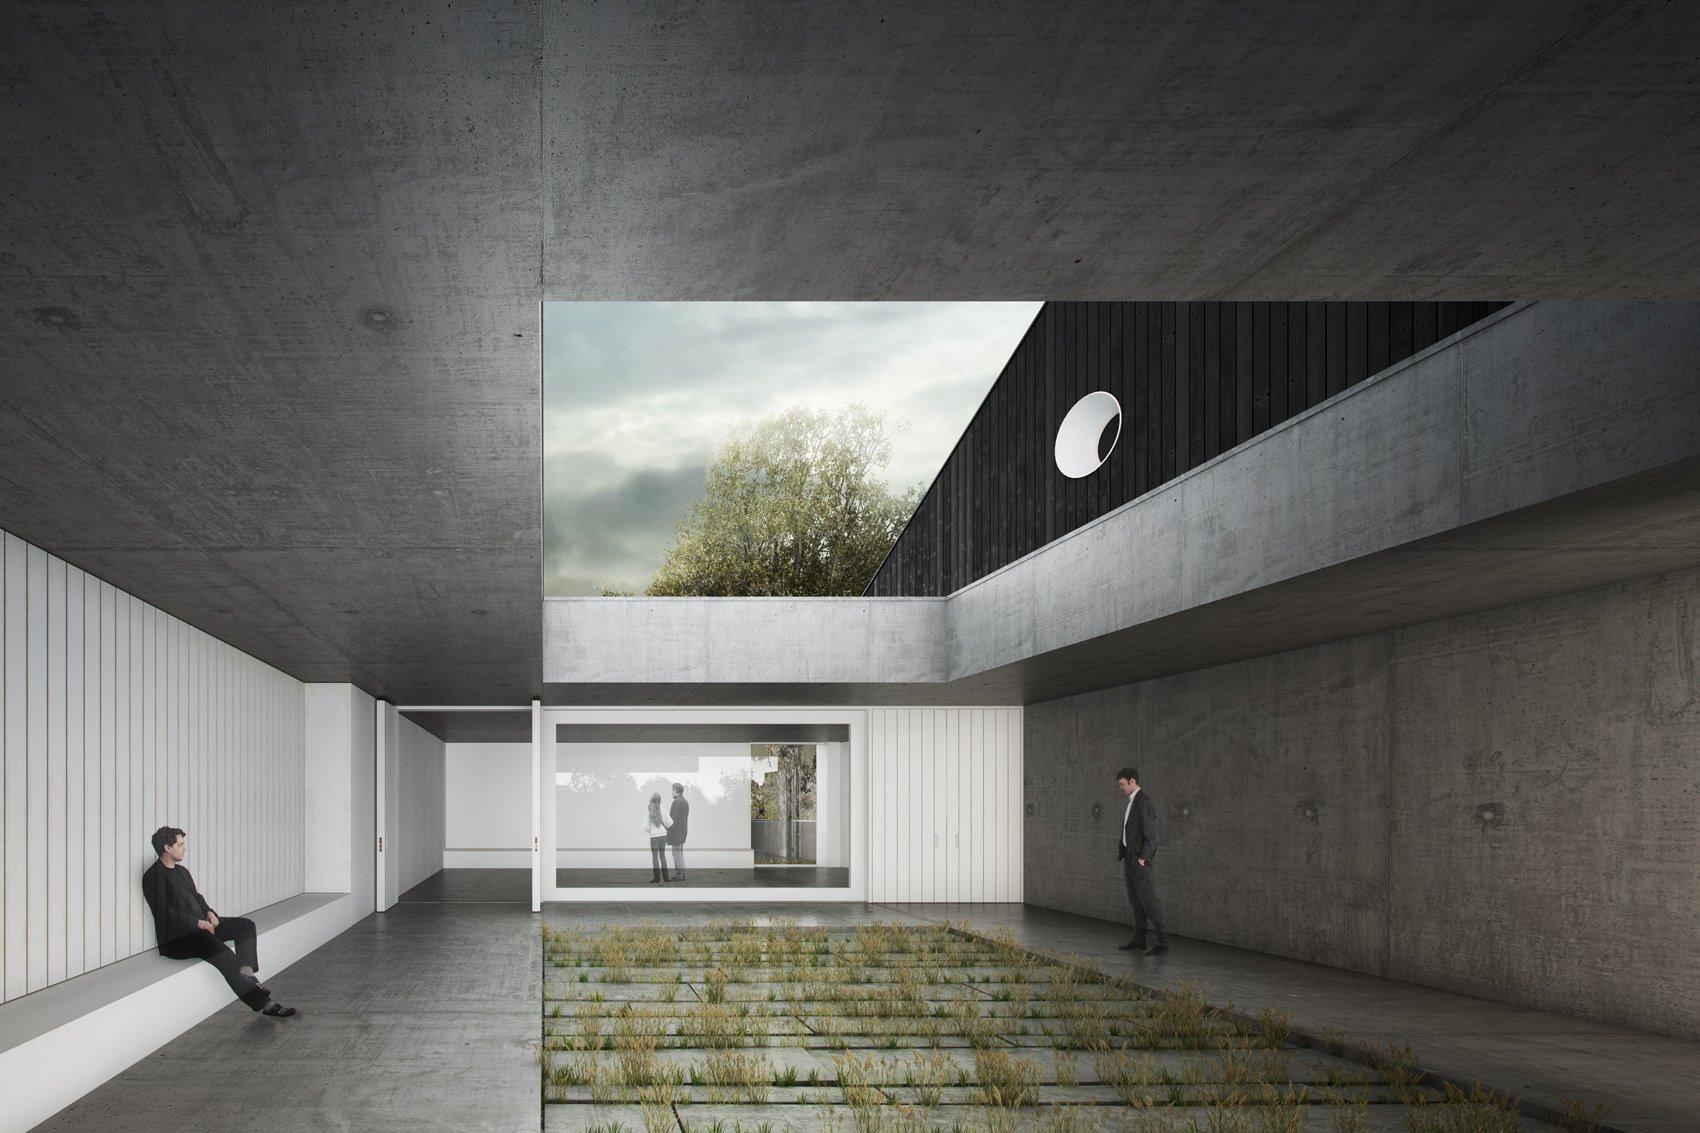 Arquitectura arquitecto de interiores - Arquitecto de interiores ...